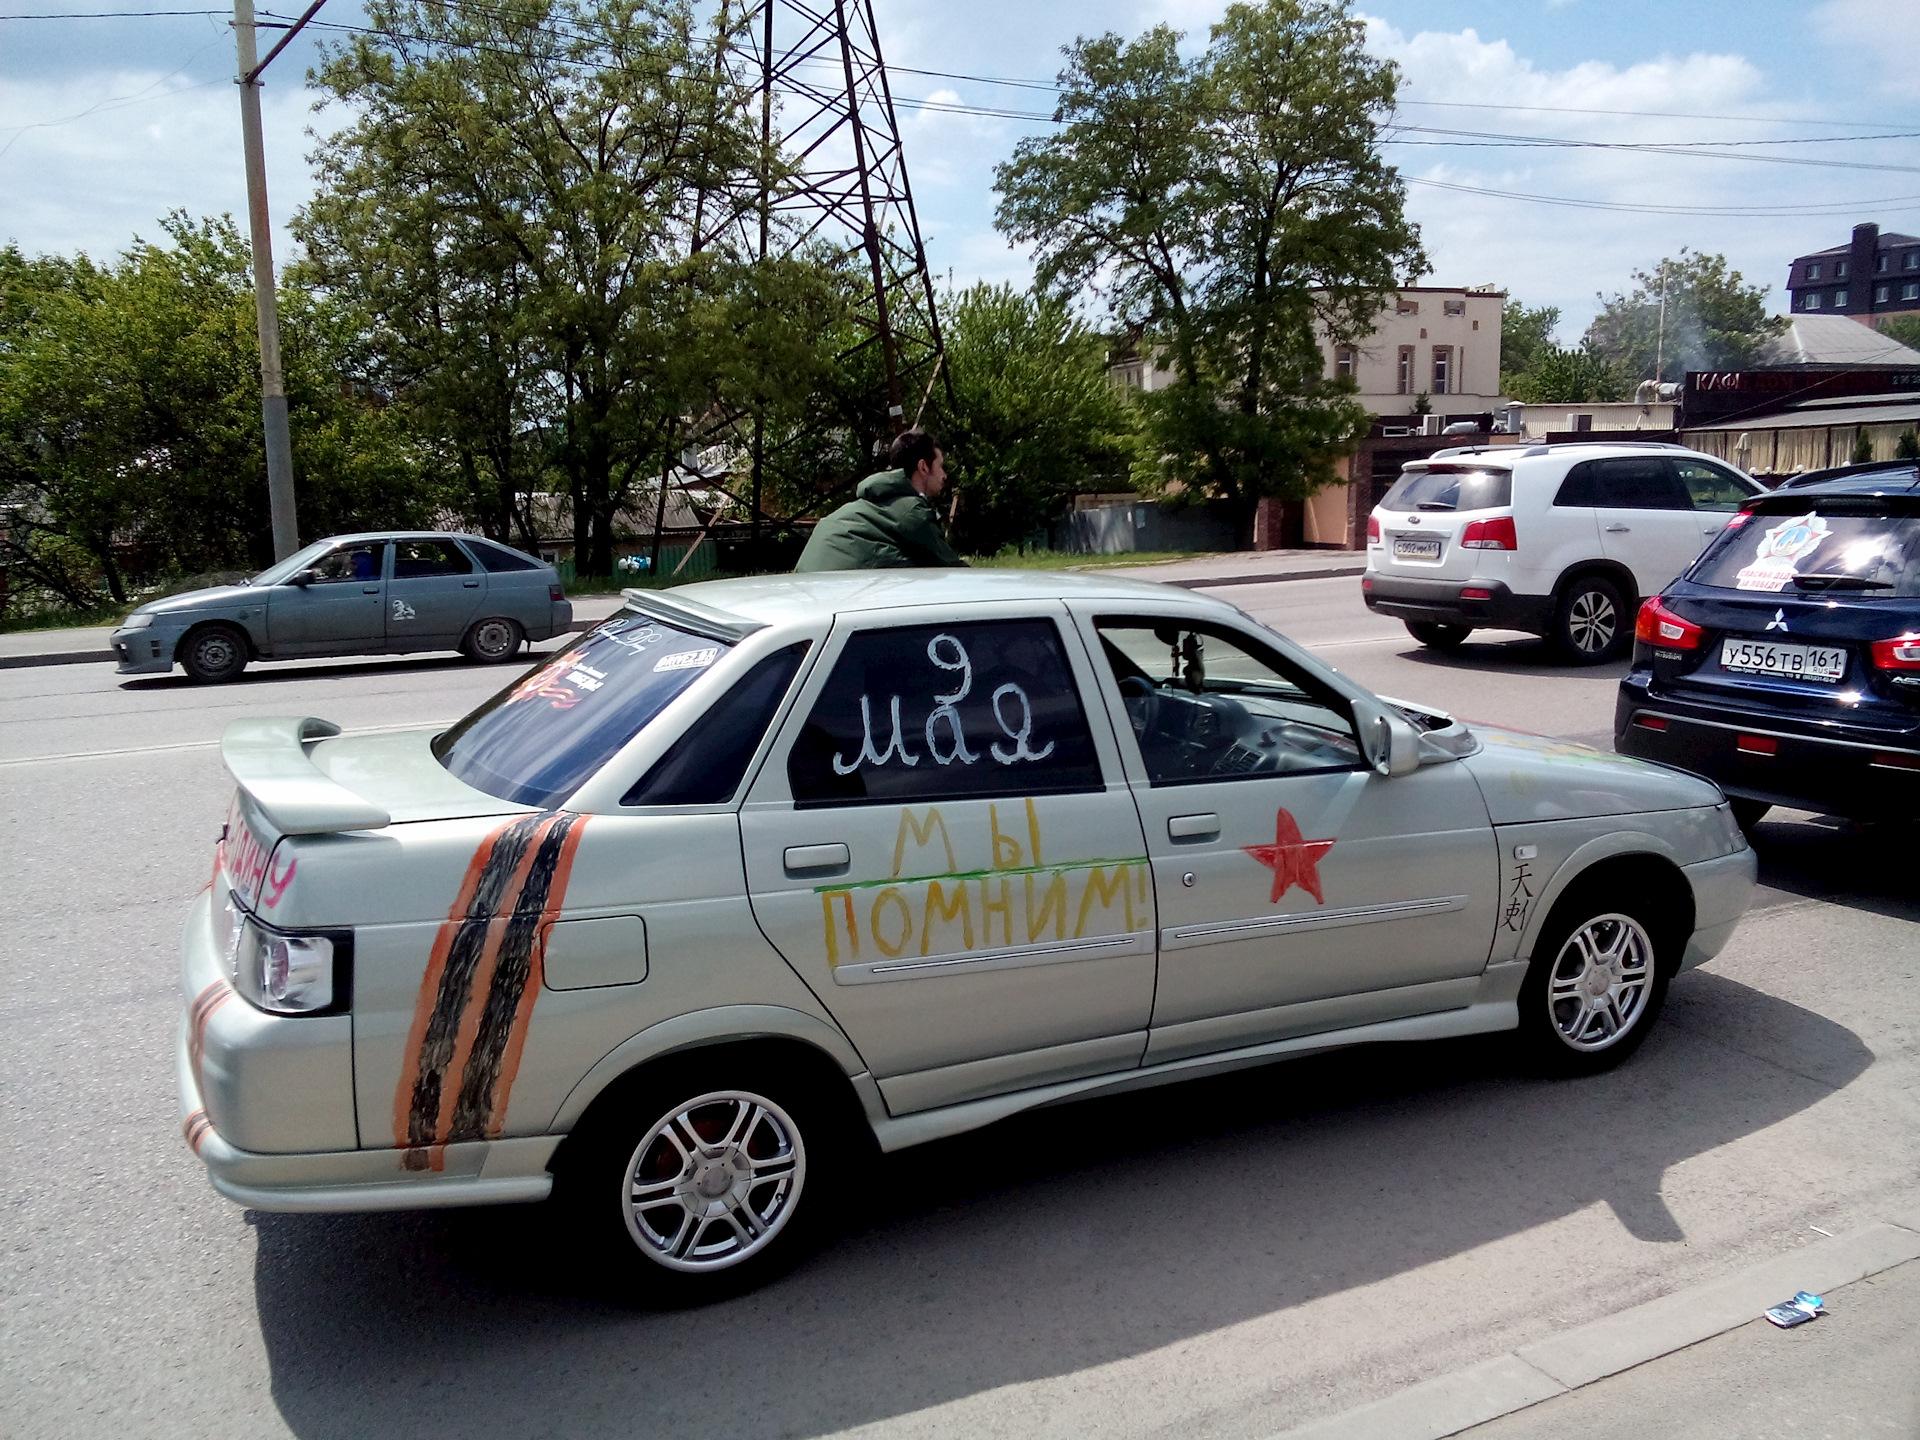 Фото автопробега в ростове на левом